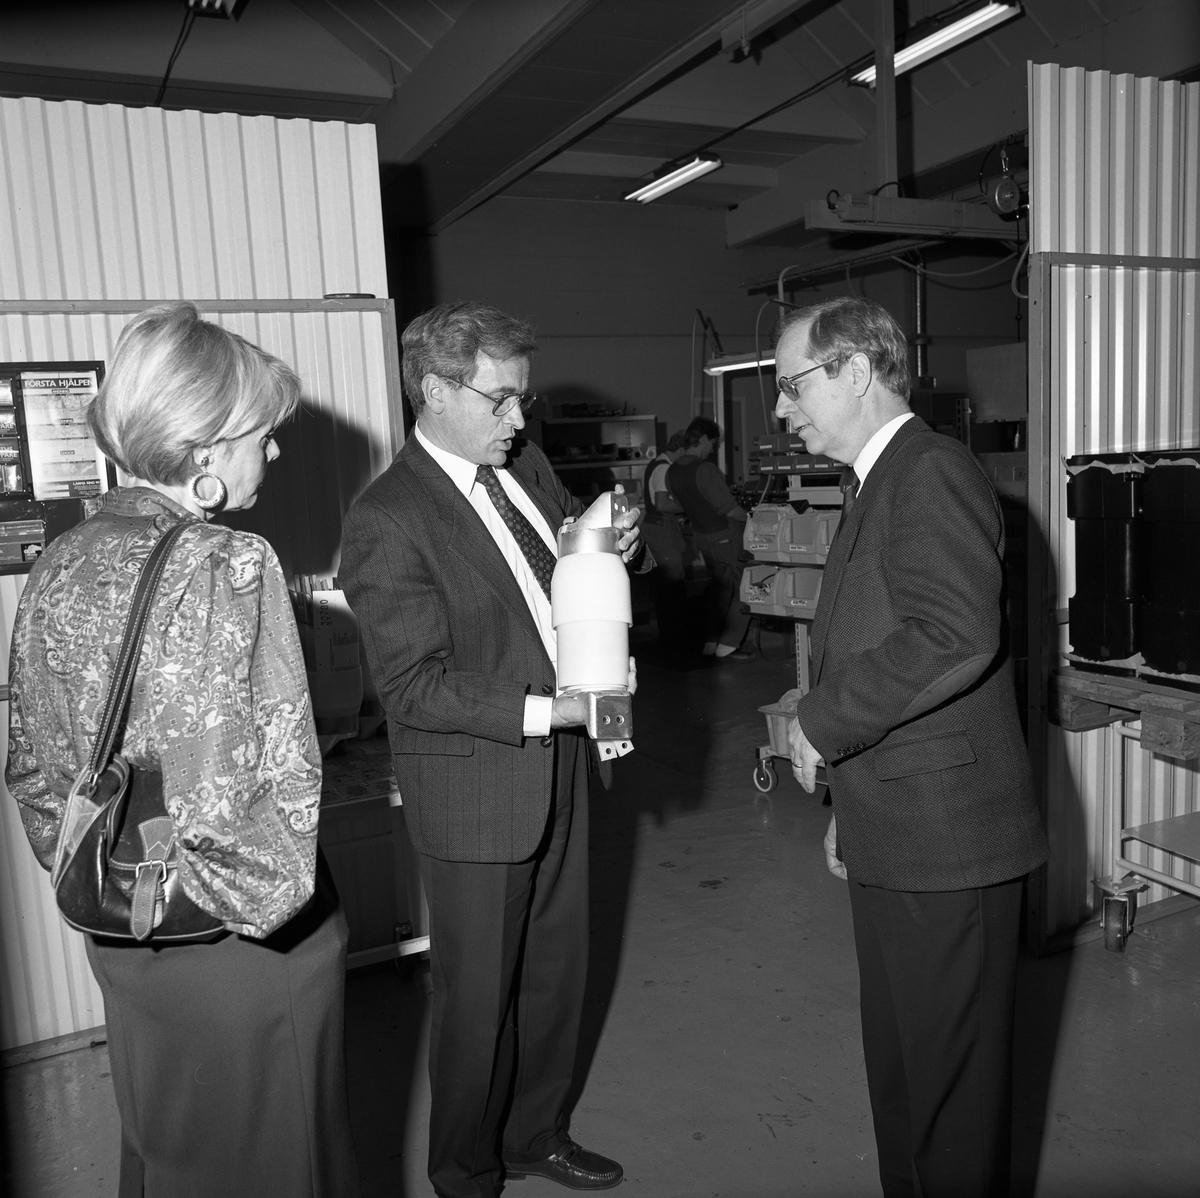 Landshövding Jan Rydh (till höger) besöker ASEA Brown Boveri i Västerås. Okänd kvinna till vänster. De studerar en pjäs i industrilokalen. Med på besöket är även Per-Olov Nilsson och Elsy Harrysson, som syns på andra bilder i serien.